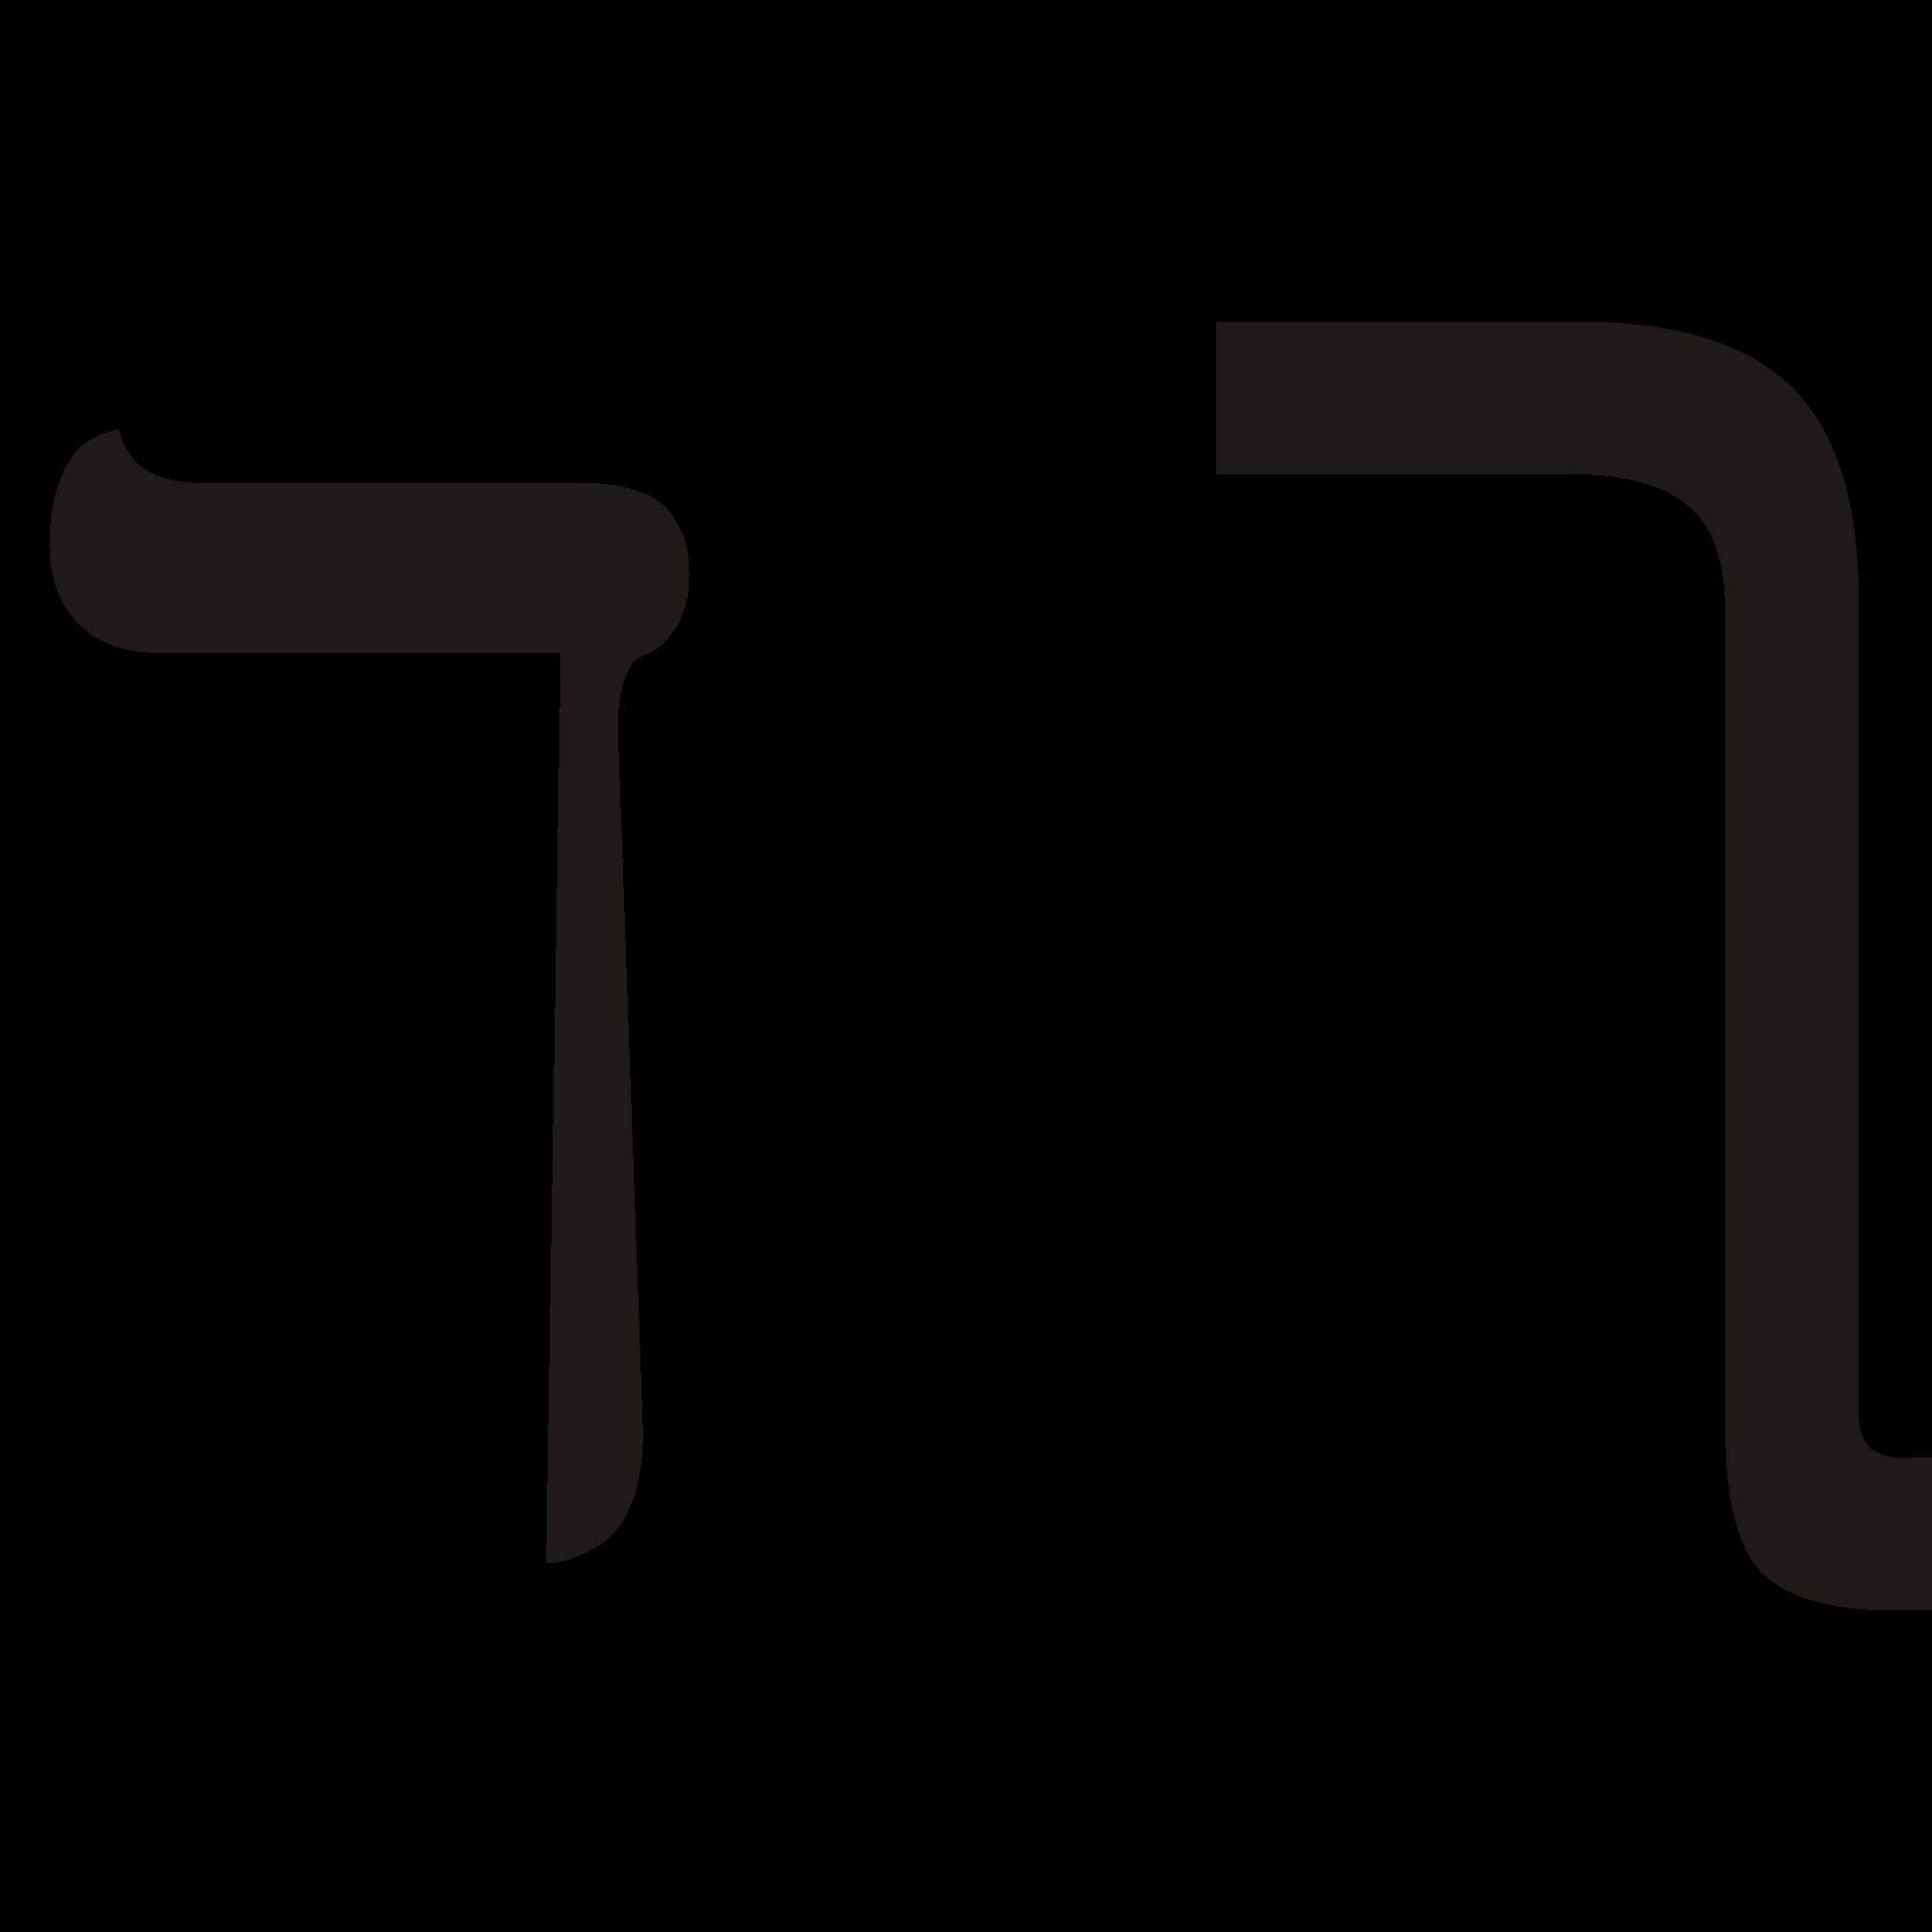 Hebrew letter final kaphg